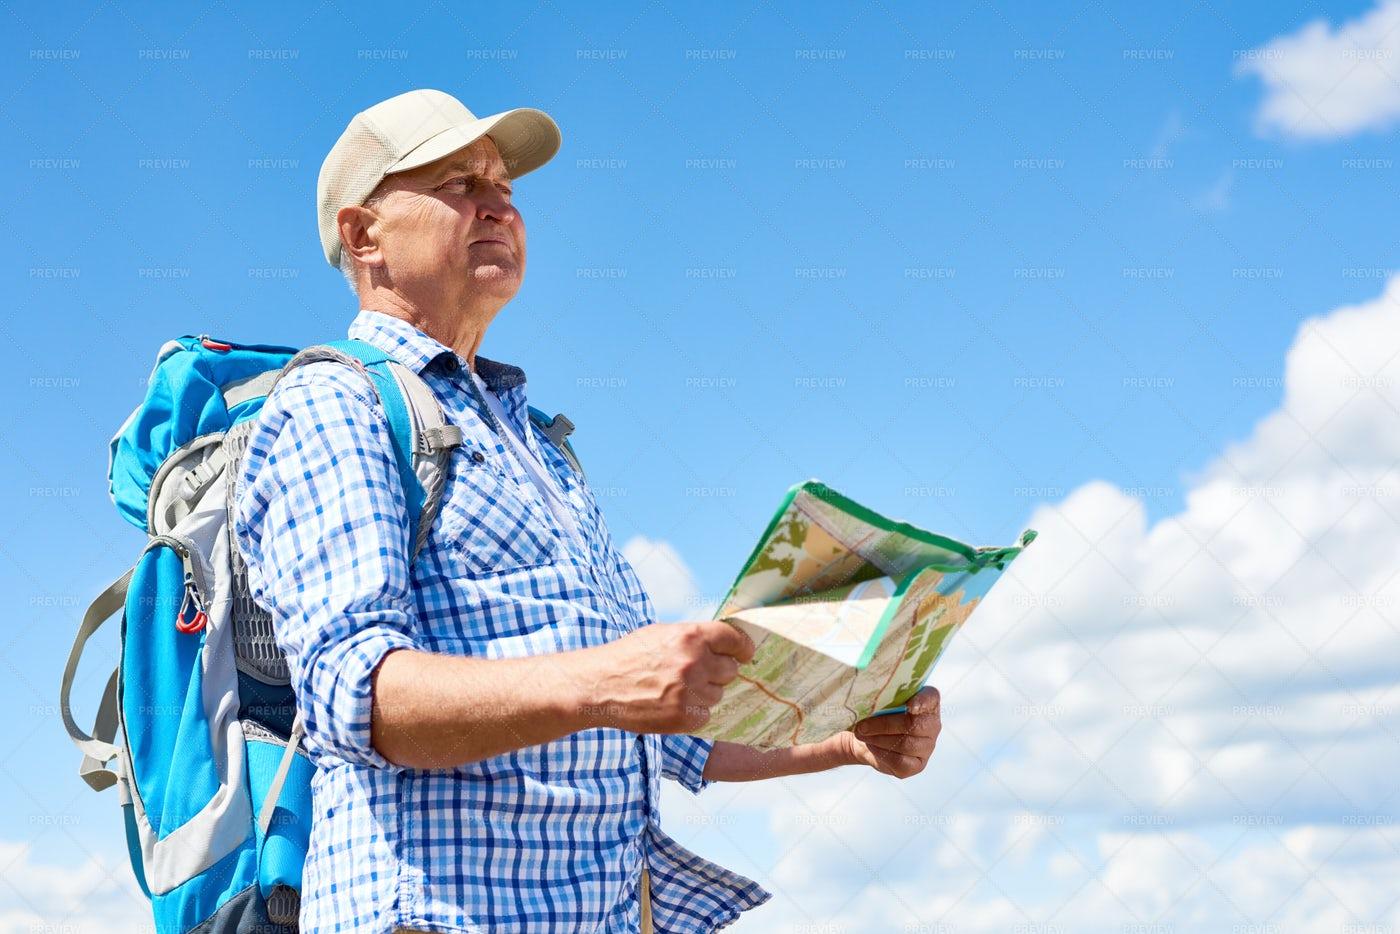 Senior Man Enjoying Hiking Trip: Stock Photos